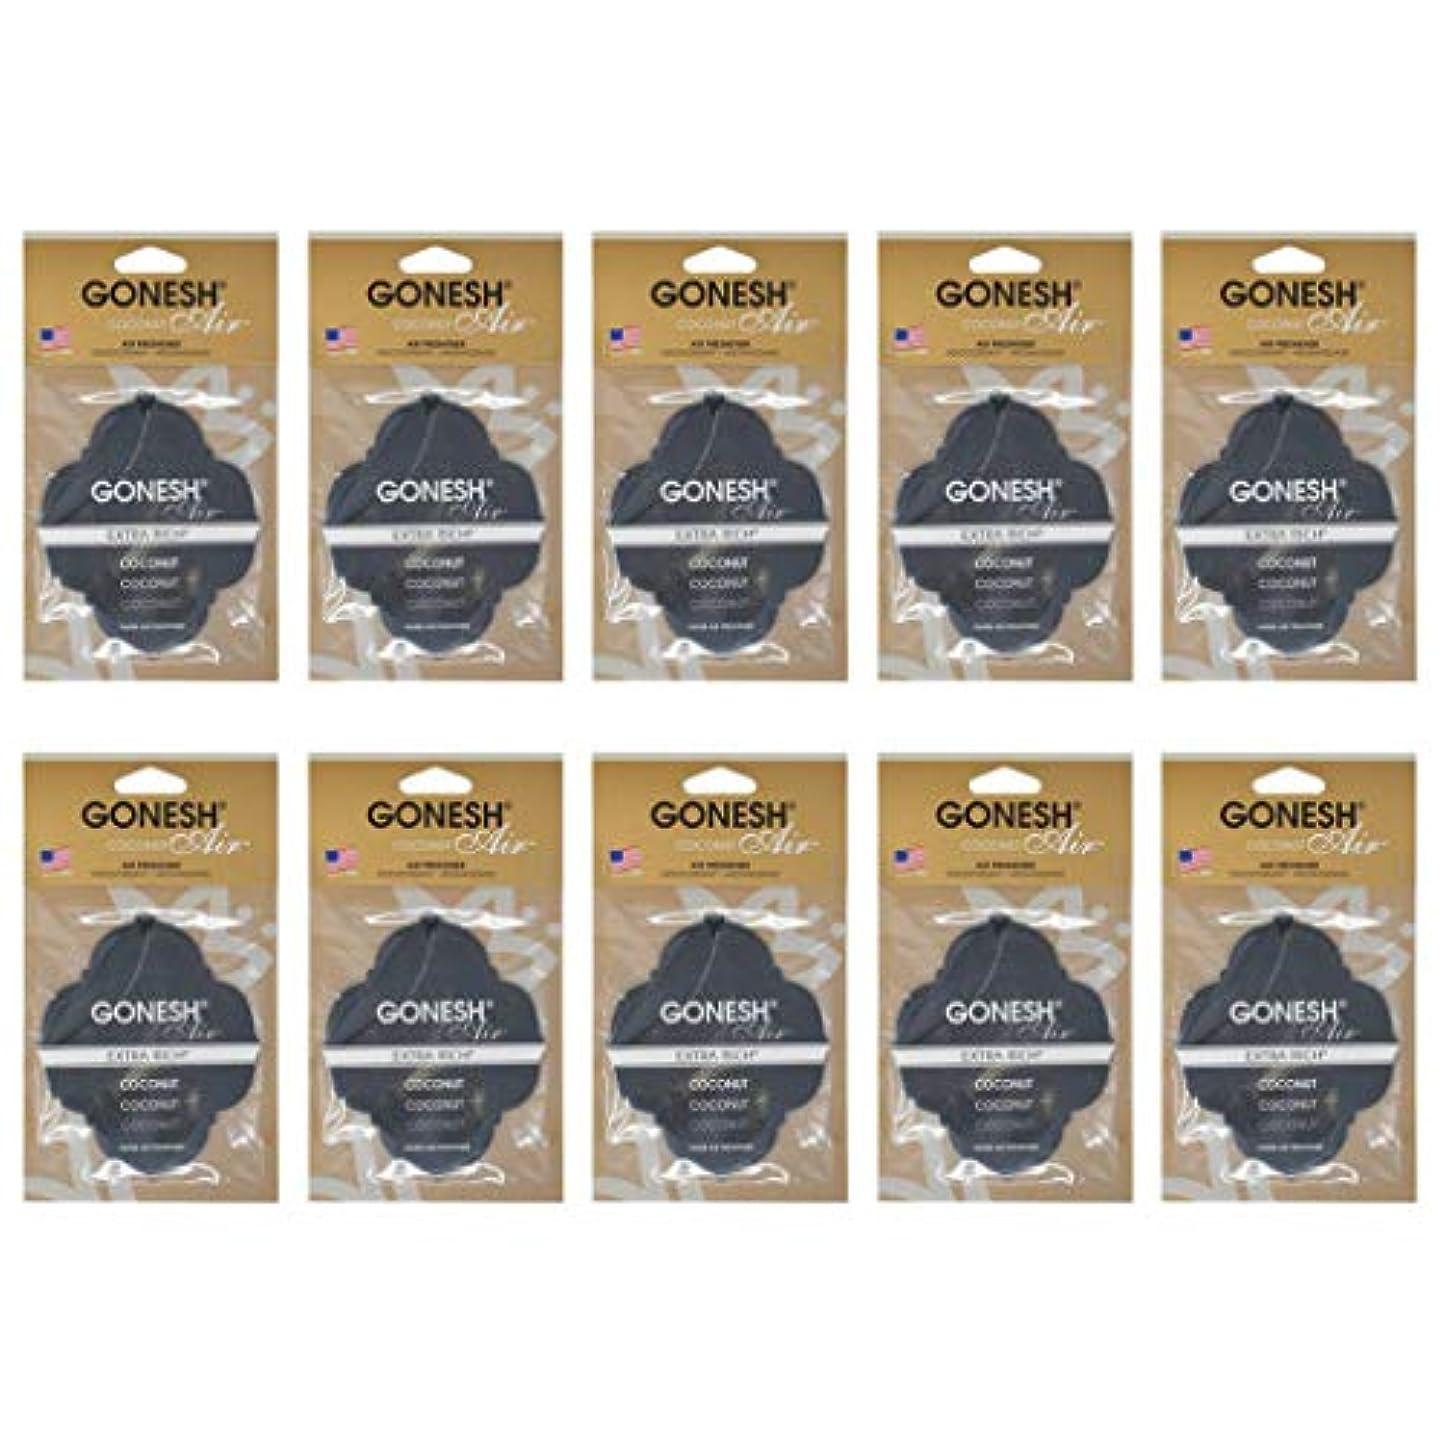 蒸気麦芽密接にGONESH ペーパーエアフレッシュナー ココナッツ 10個セット